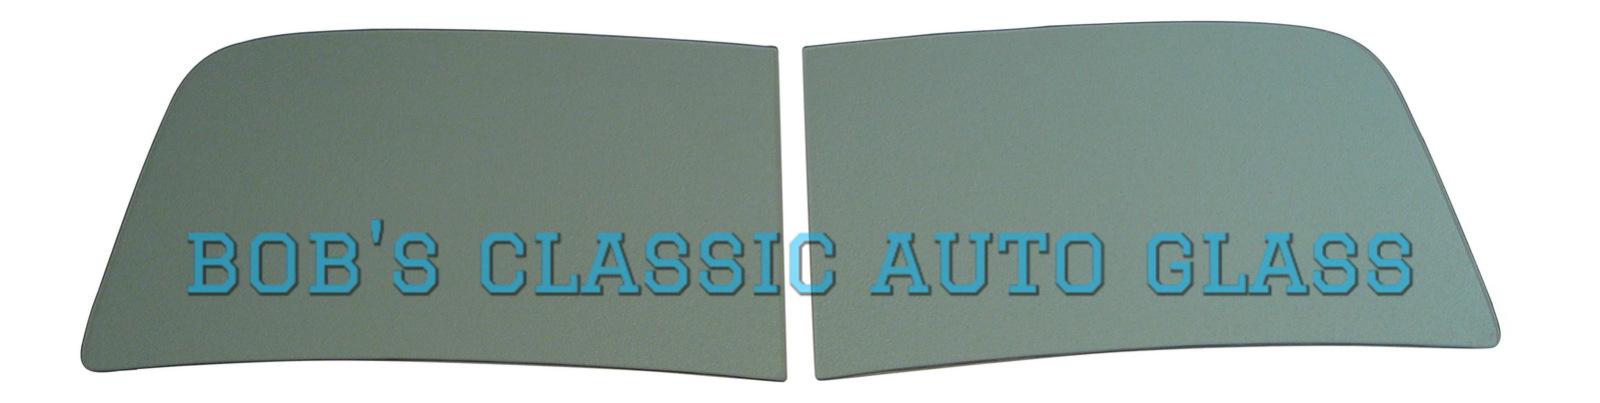 1947 1948 1949 1950 1951 1952 1953 Chevrolet GMC P